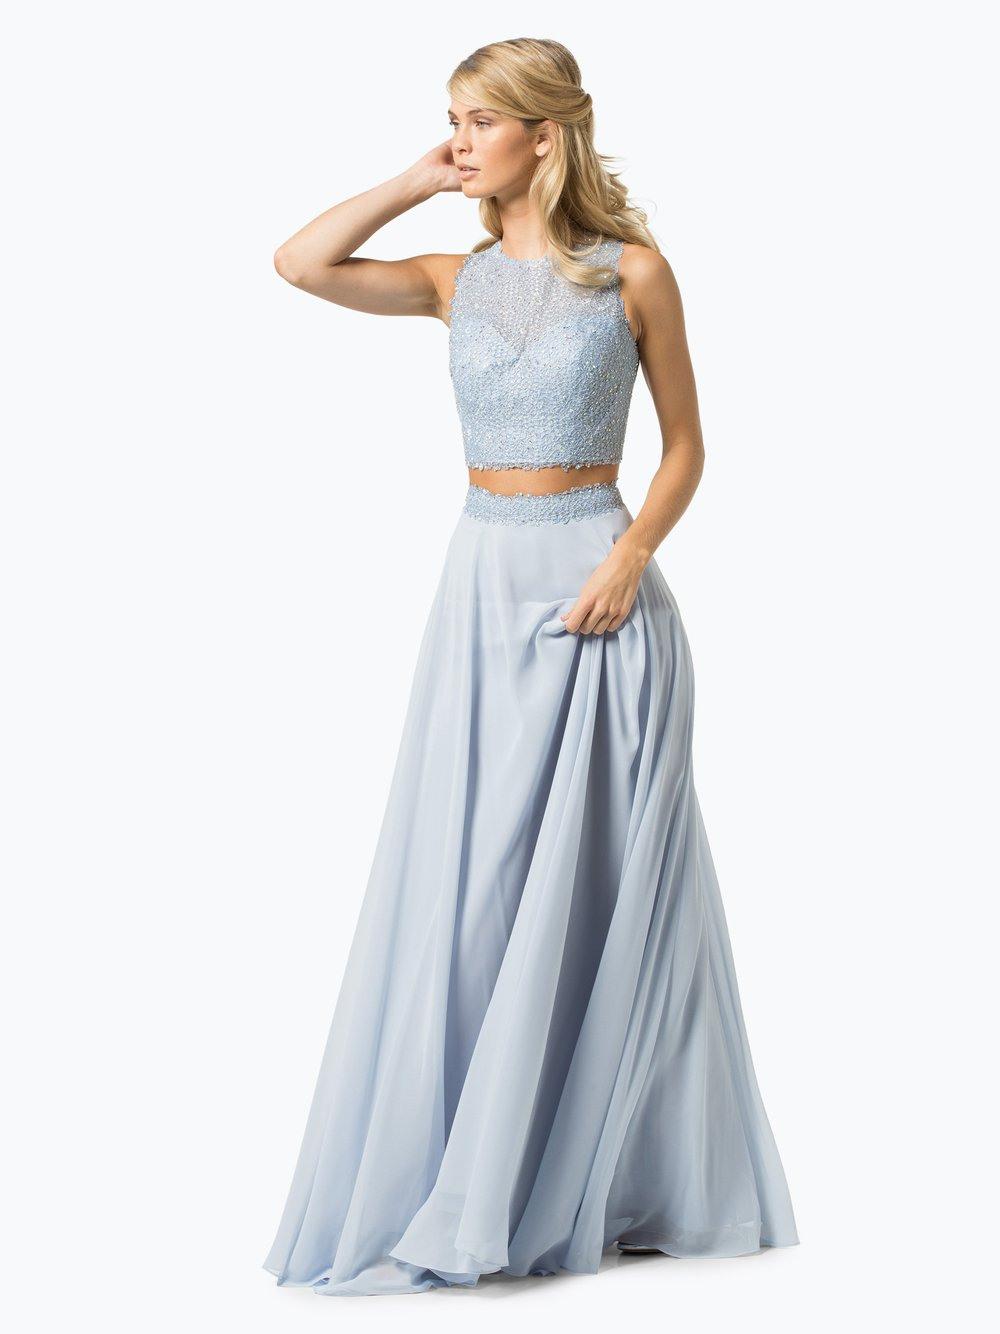 13 Erstaunlich Zweiteiliges Abendkleid Vertrieb20 Schön Zweiteiliges Abendkleid Vertrieb